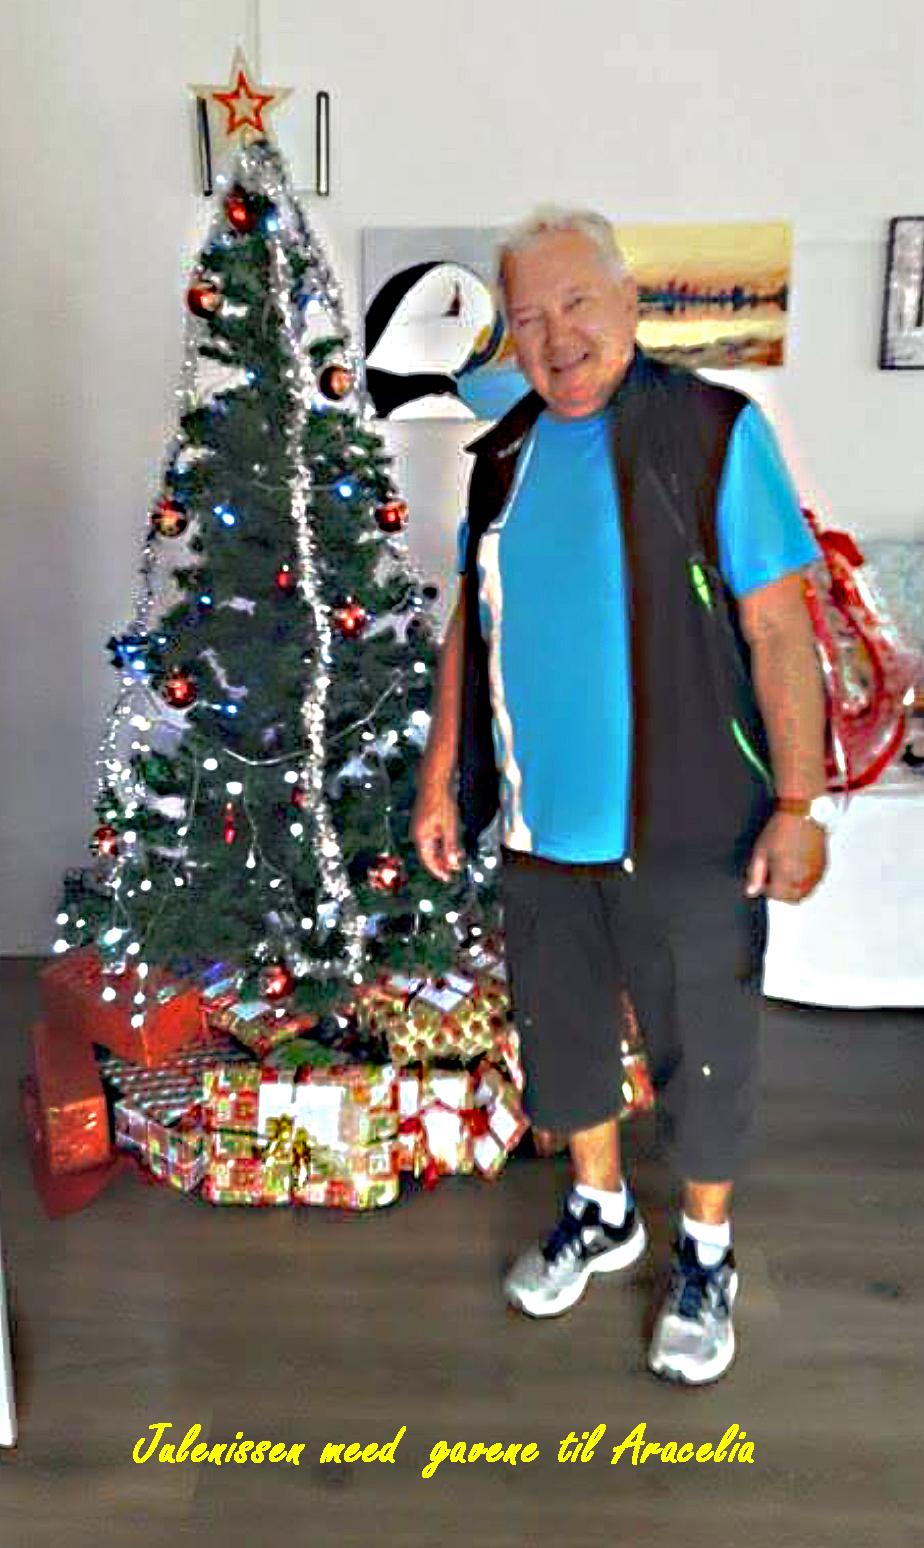 Julenissen og gavene